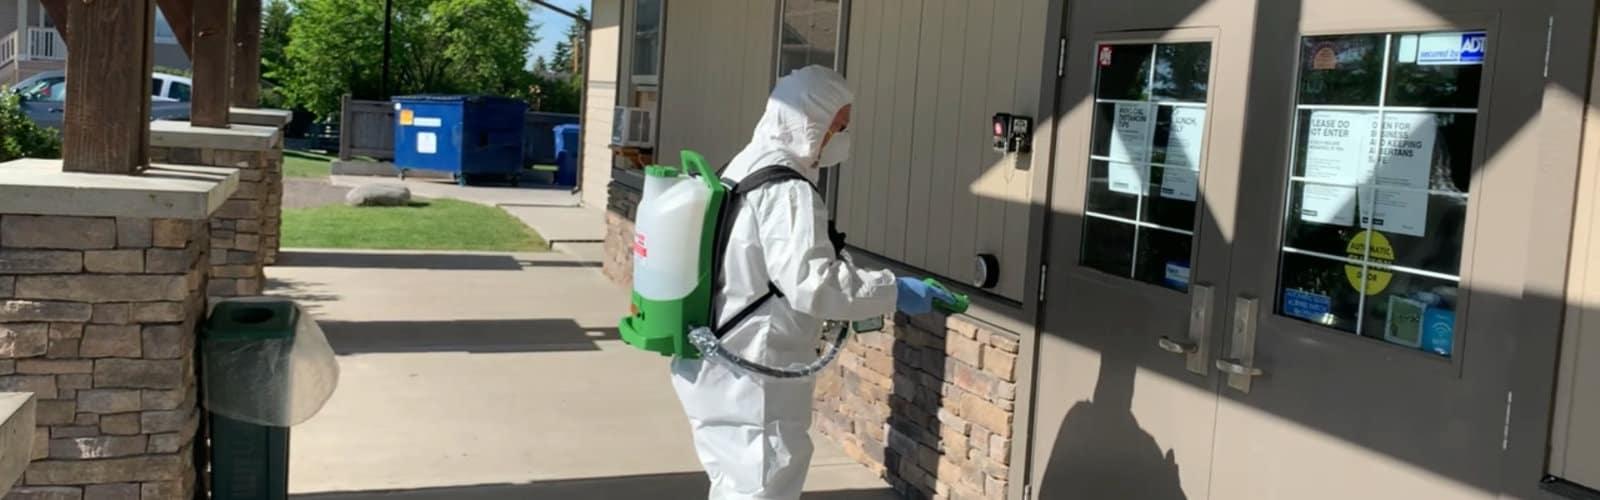 Hazmat technician in white coveralls suit spraying disinfectant on door